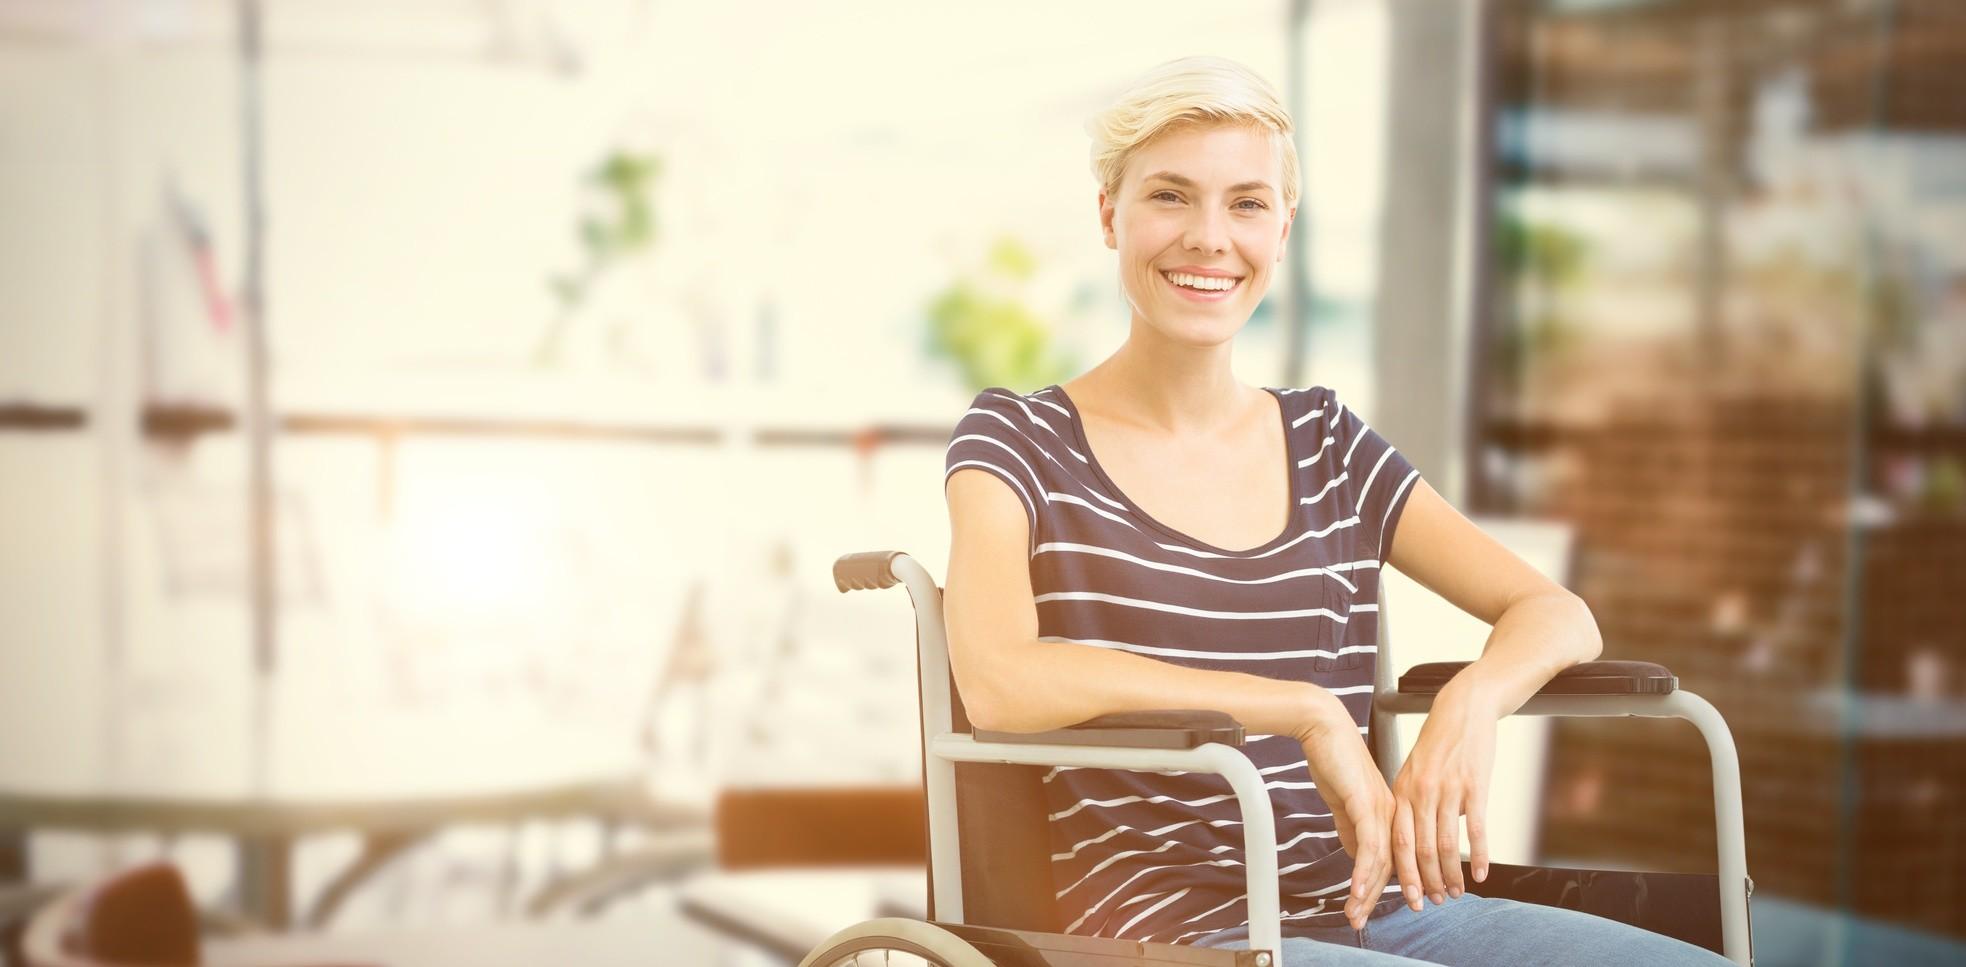 glückliche junge Frau im Rollstuhl